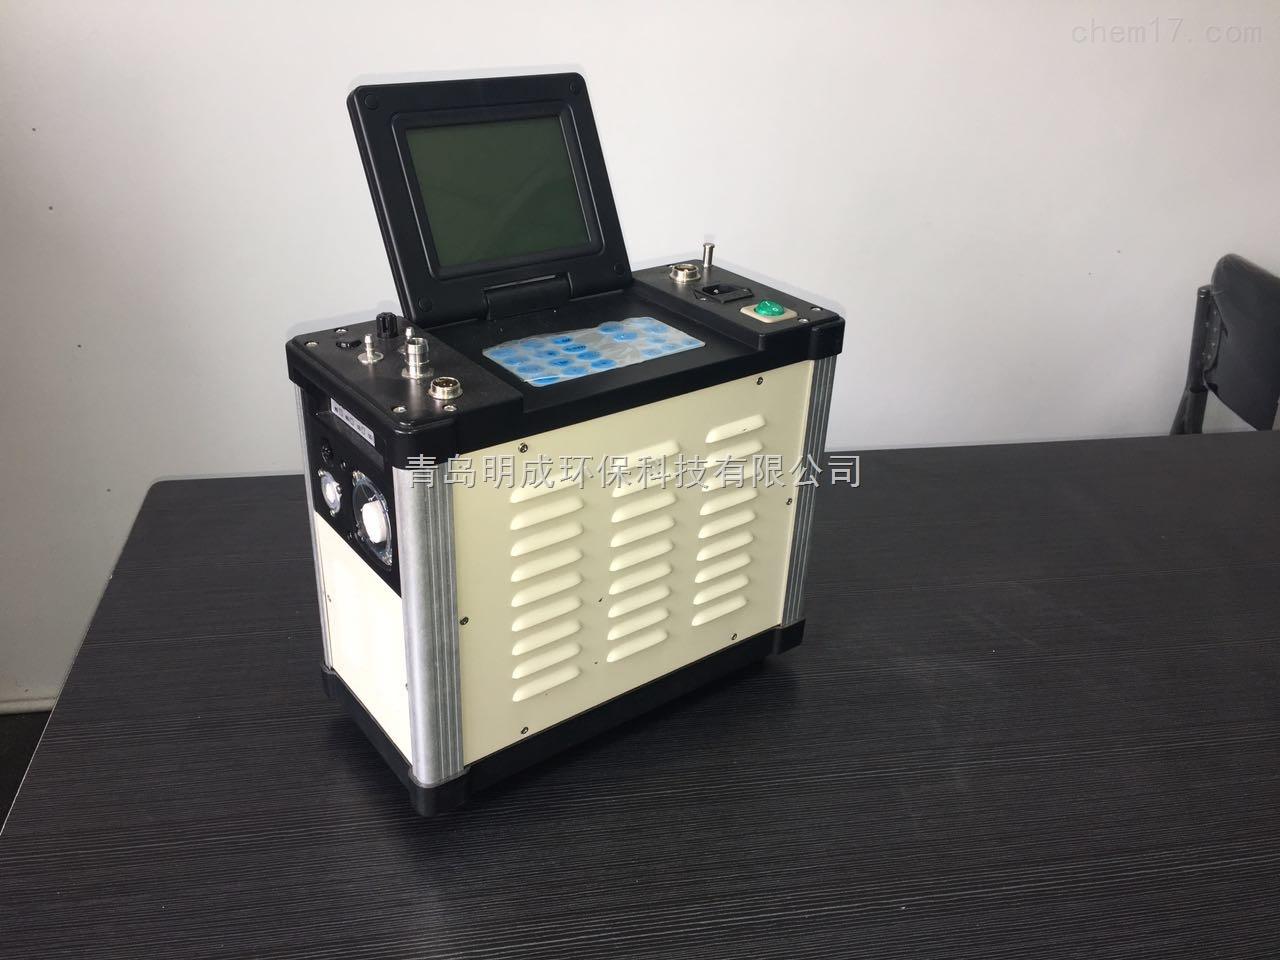 低浓度烟尘采样器LB-70C油烟烟尘烟气分析仪